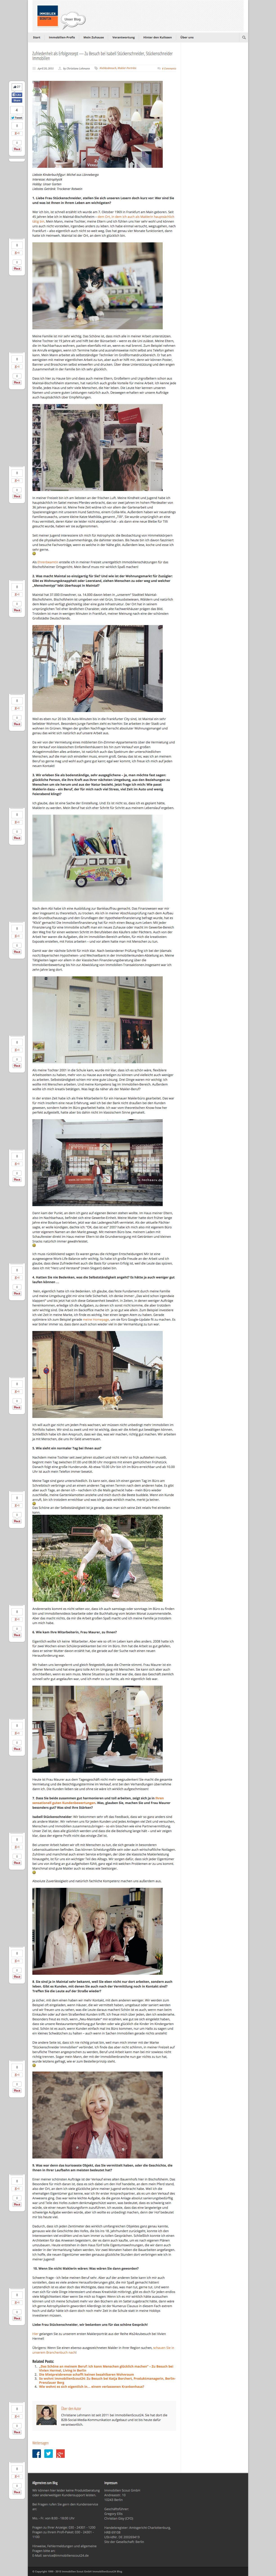 stueckenschneider-interview-immobilienscout24